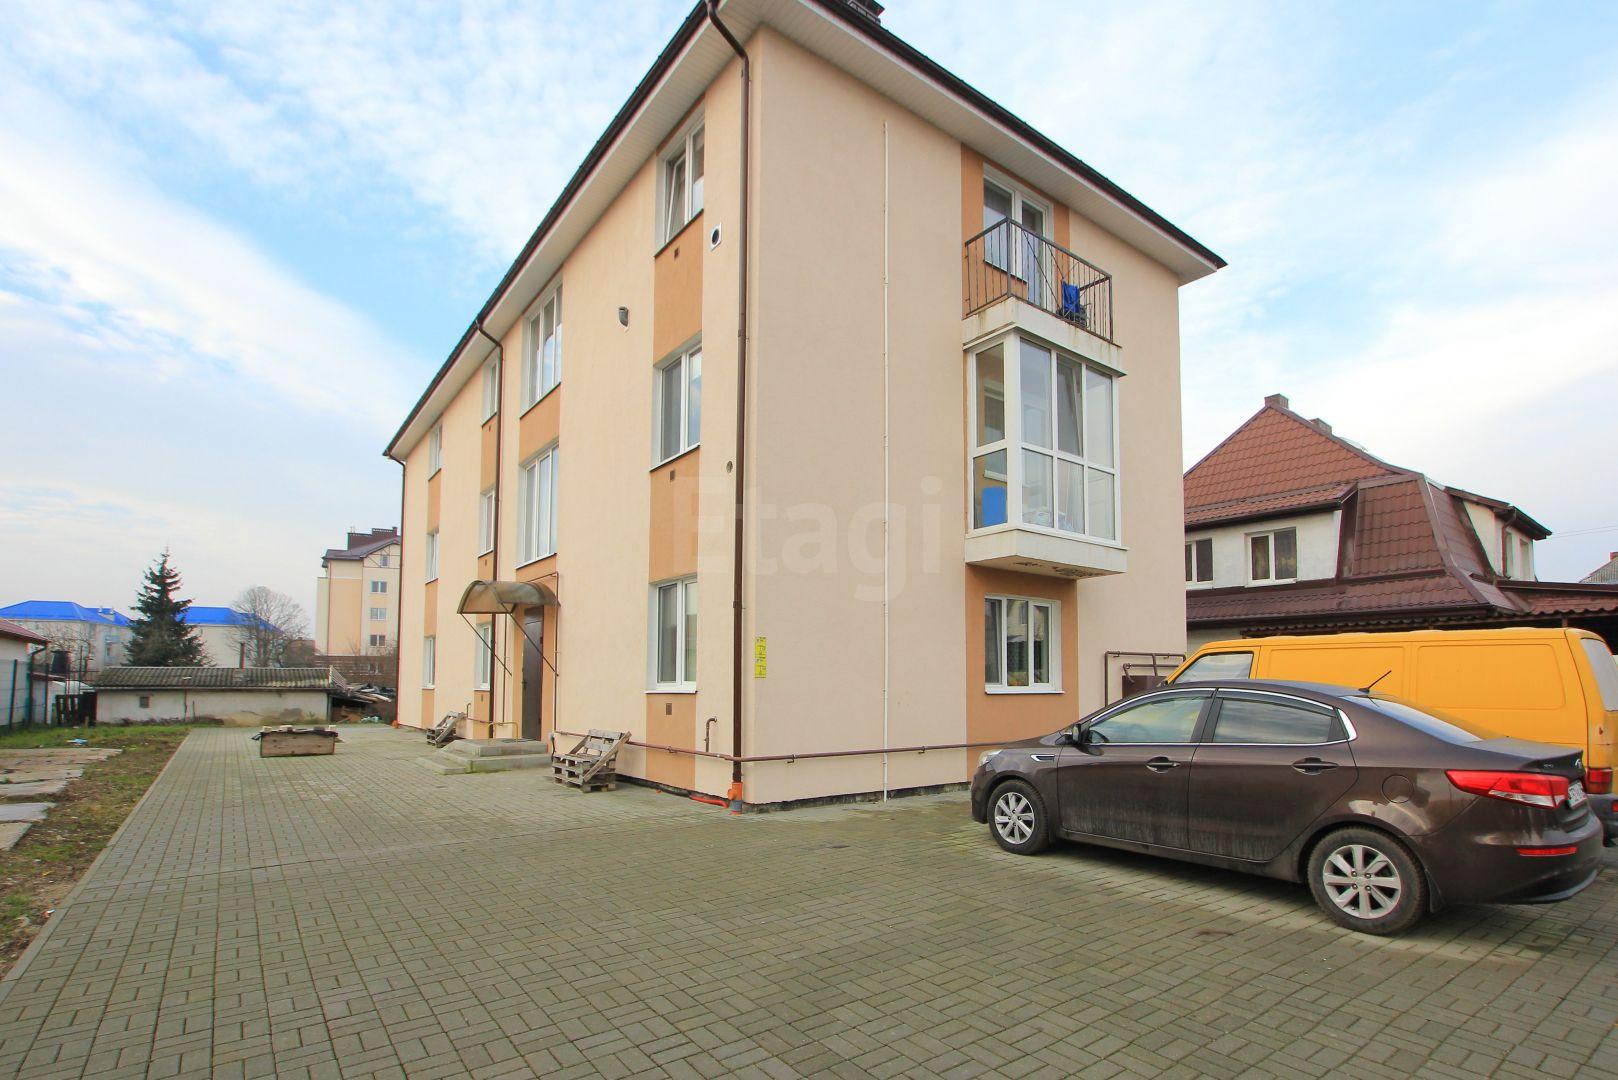 Взять кредит на квартиру в калининграде как получить беспроцентную ипотеку молодой семье